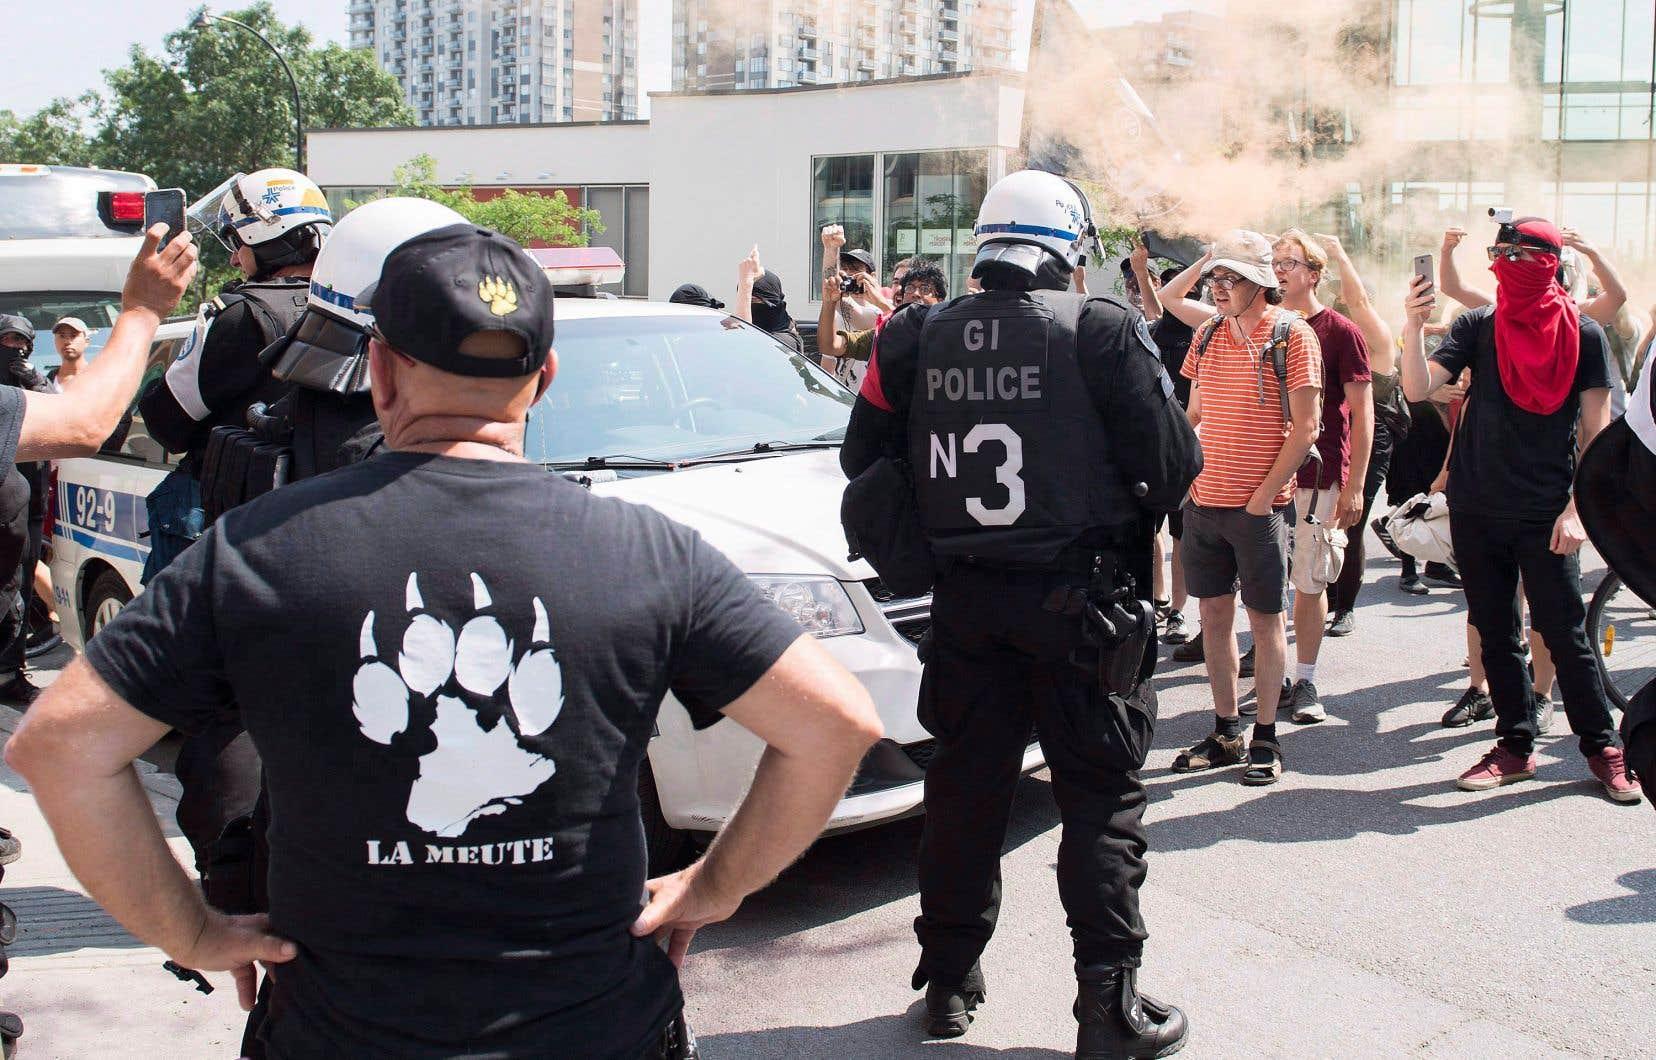 Le groupe La Meute a été créé en octobre 2015 par deux anciens membres des Forces armées canadiennes.